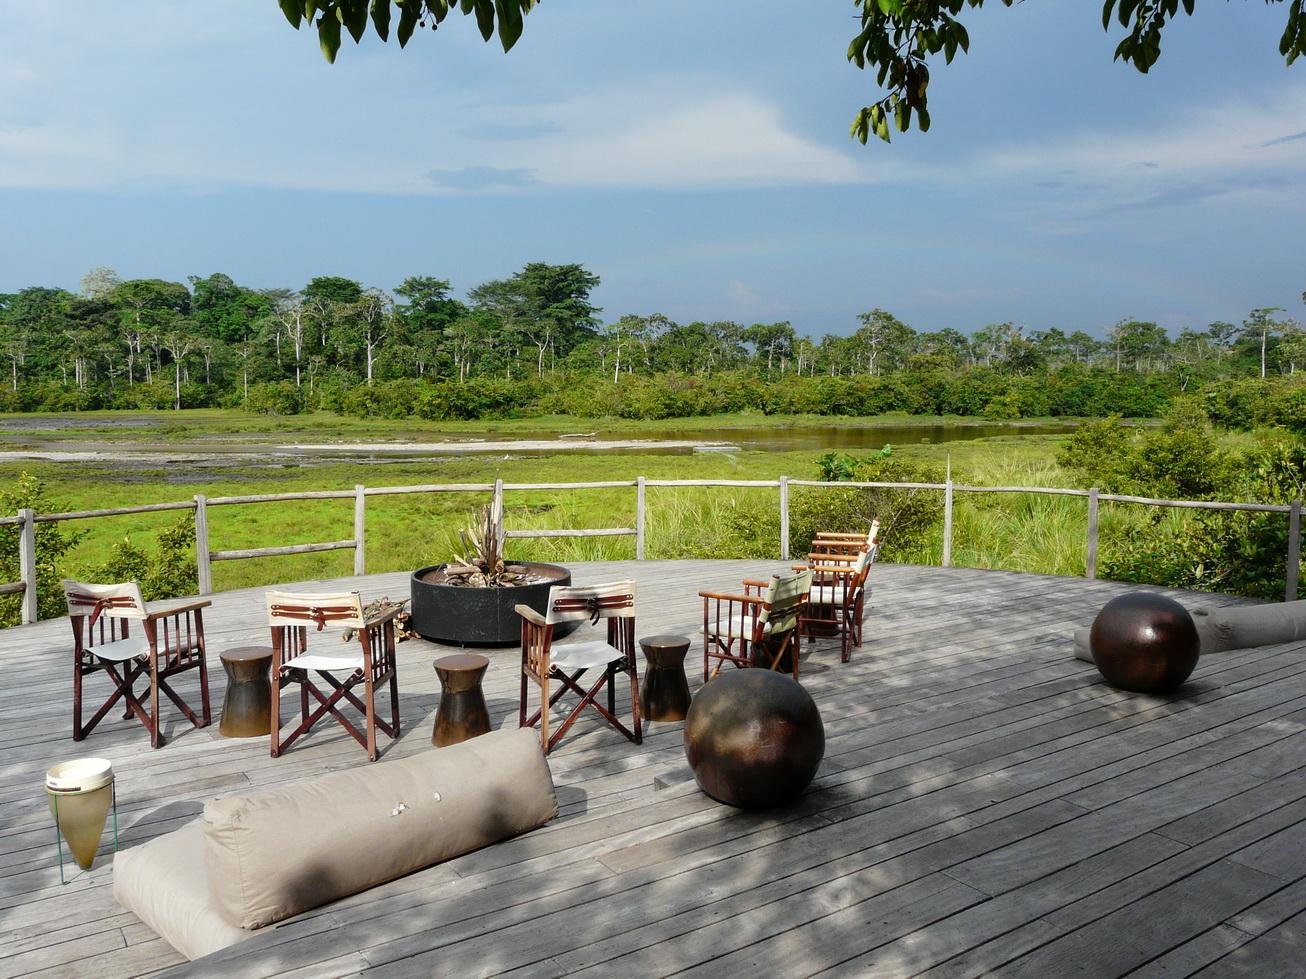 Viewing deck at Ngaga Camp, Odzala-Kokoua National Park